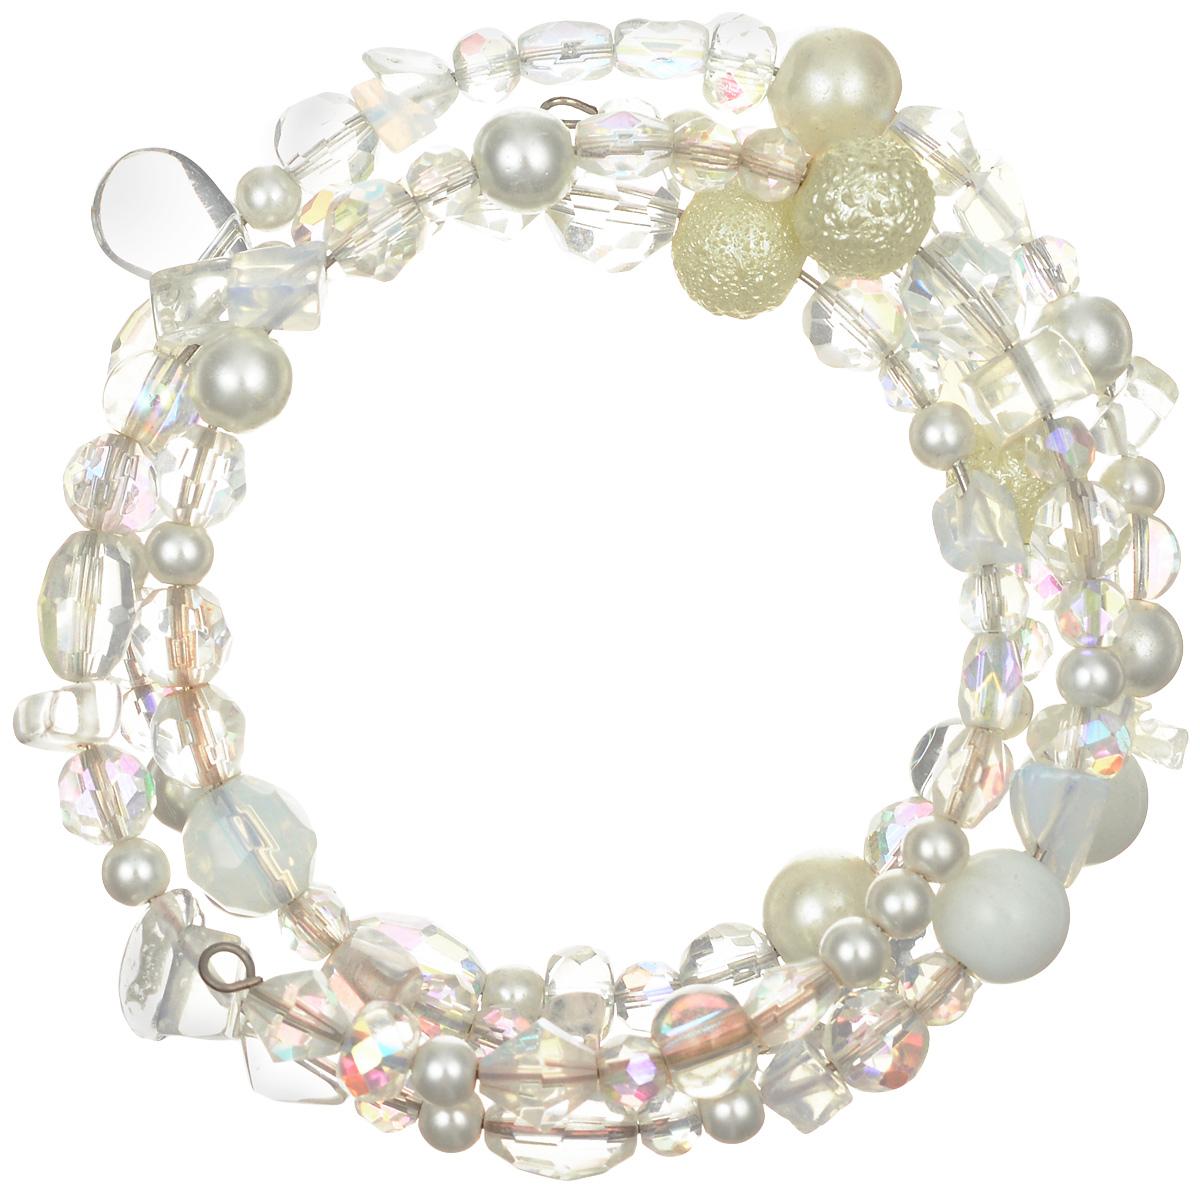 Браслет Art-Silver, цвет: перламутровый, белый. ТВ36-230ТВ36-230Эффектный женский браслет Art-Silver изготовлен из бижутерного сплава. На металлический каркас браслета нанизаны бусины из майорики различных размеров, дополненных кристаллами. Этот необычный и стильный браслет отлично разбавит ваш повседневный образ, добавит в него изюминку. С помощью него вы сможете подчеркнуть свою индивидуальность и выделиться среди окружающих.